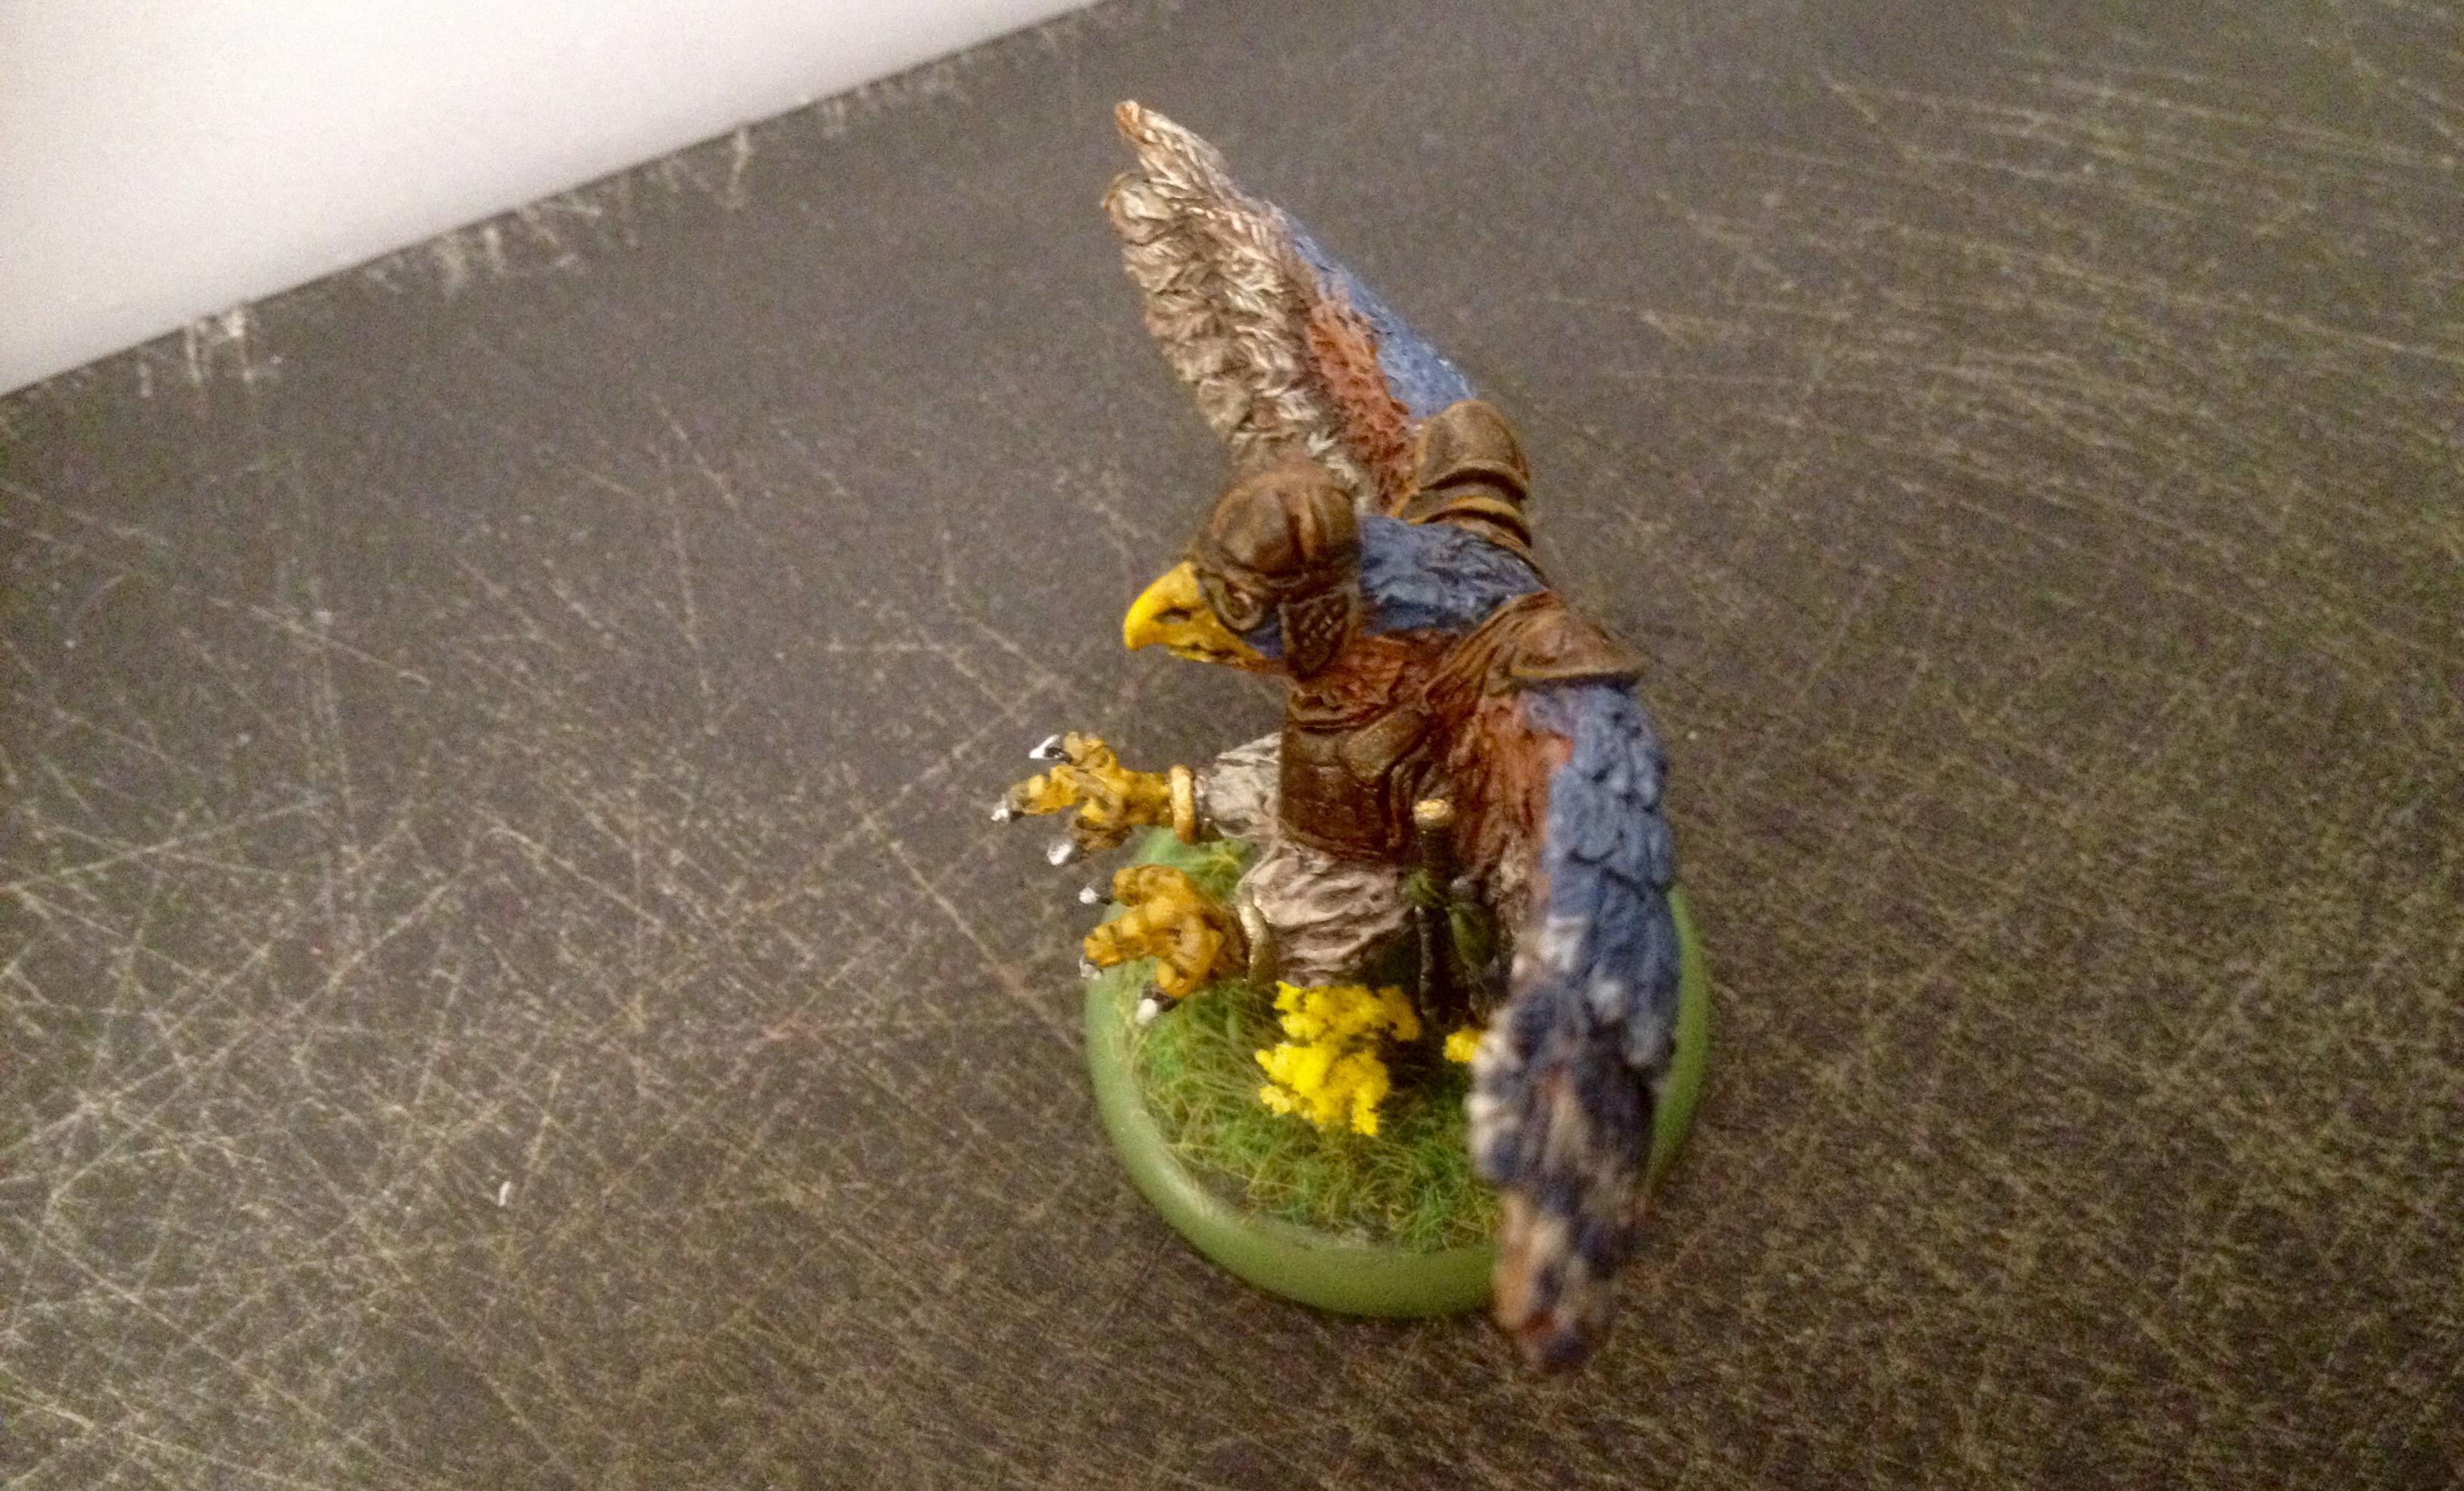 Burrows And Badgers, Flyer, Greenstuff, Medium, Raptors, Sculpting, Sparrowhawk